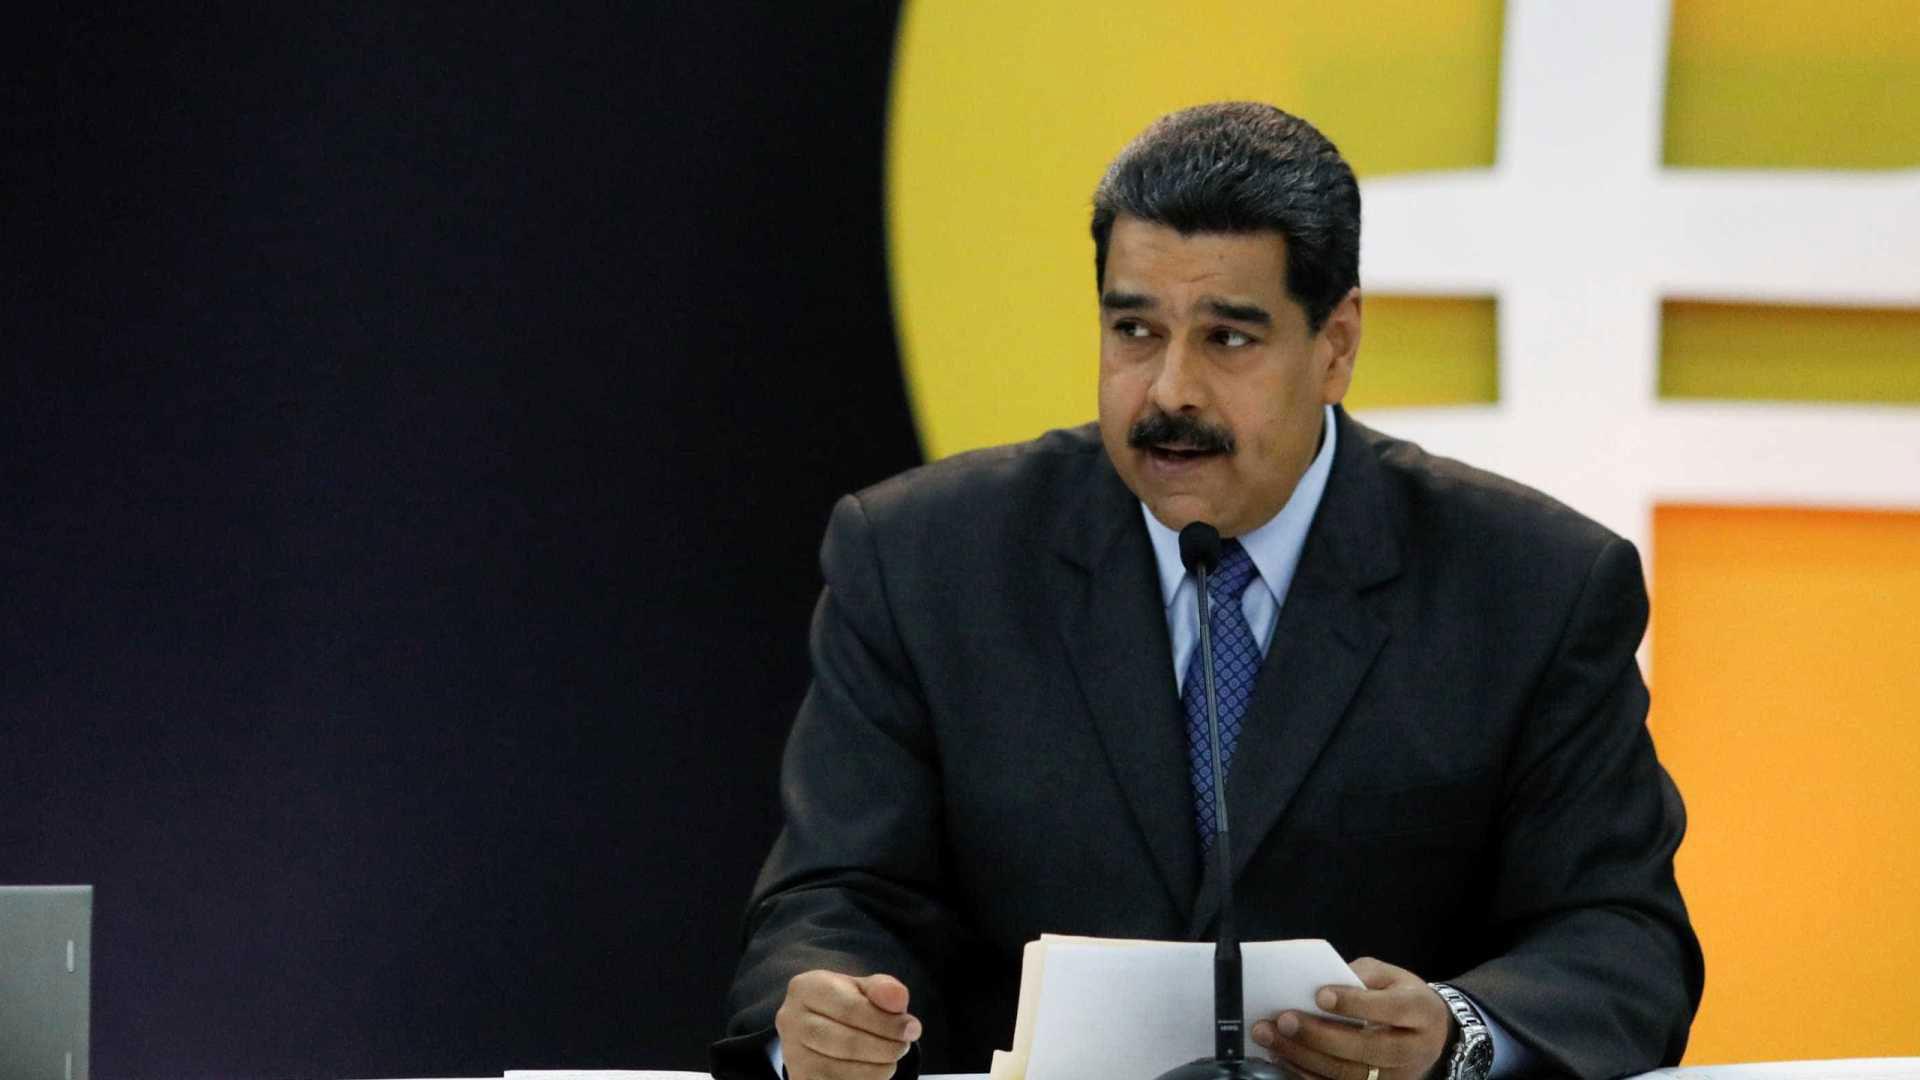 Webitcoin: Parlamento venezuelano aprova projeto de lei para regulamentar criptomoedas